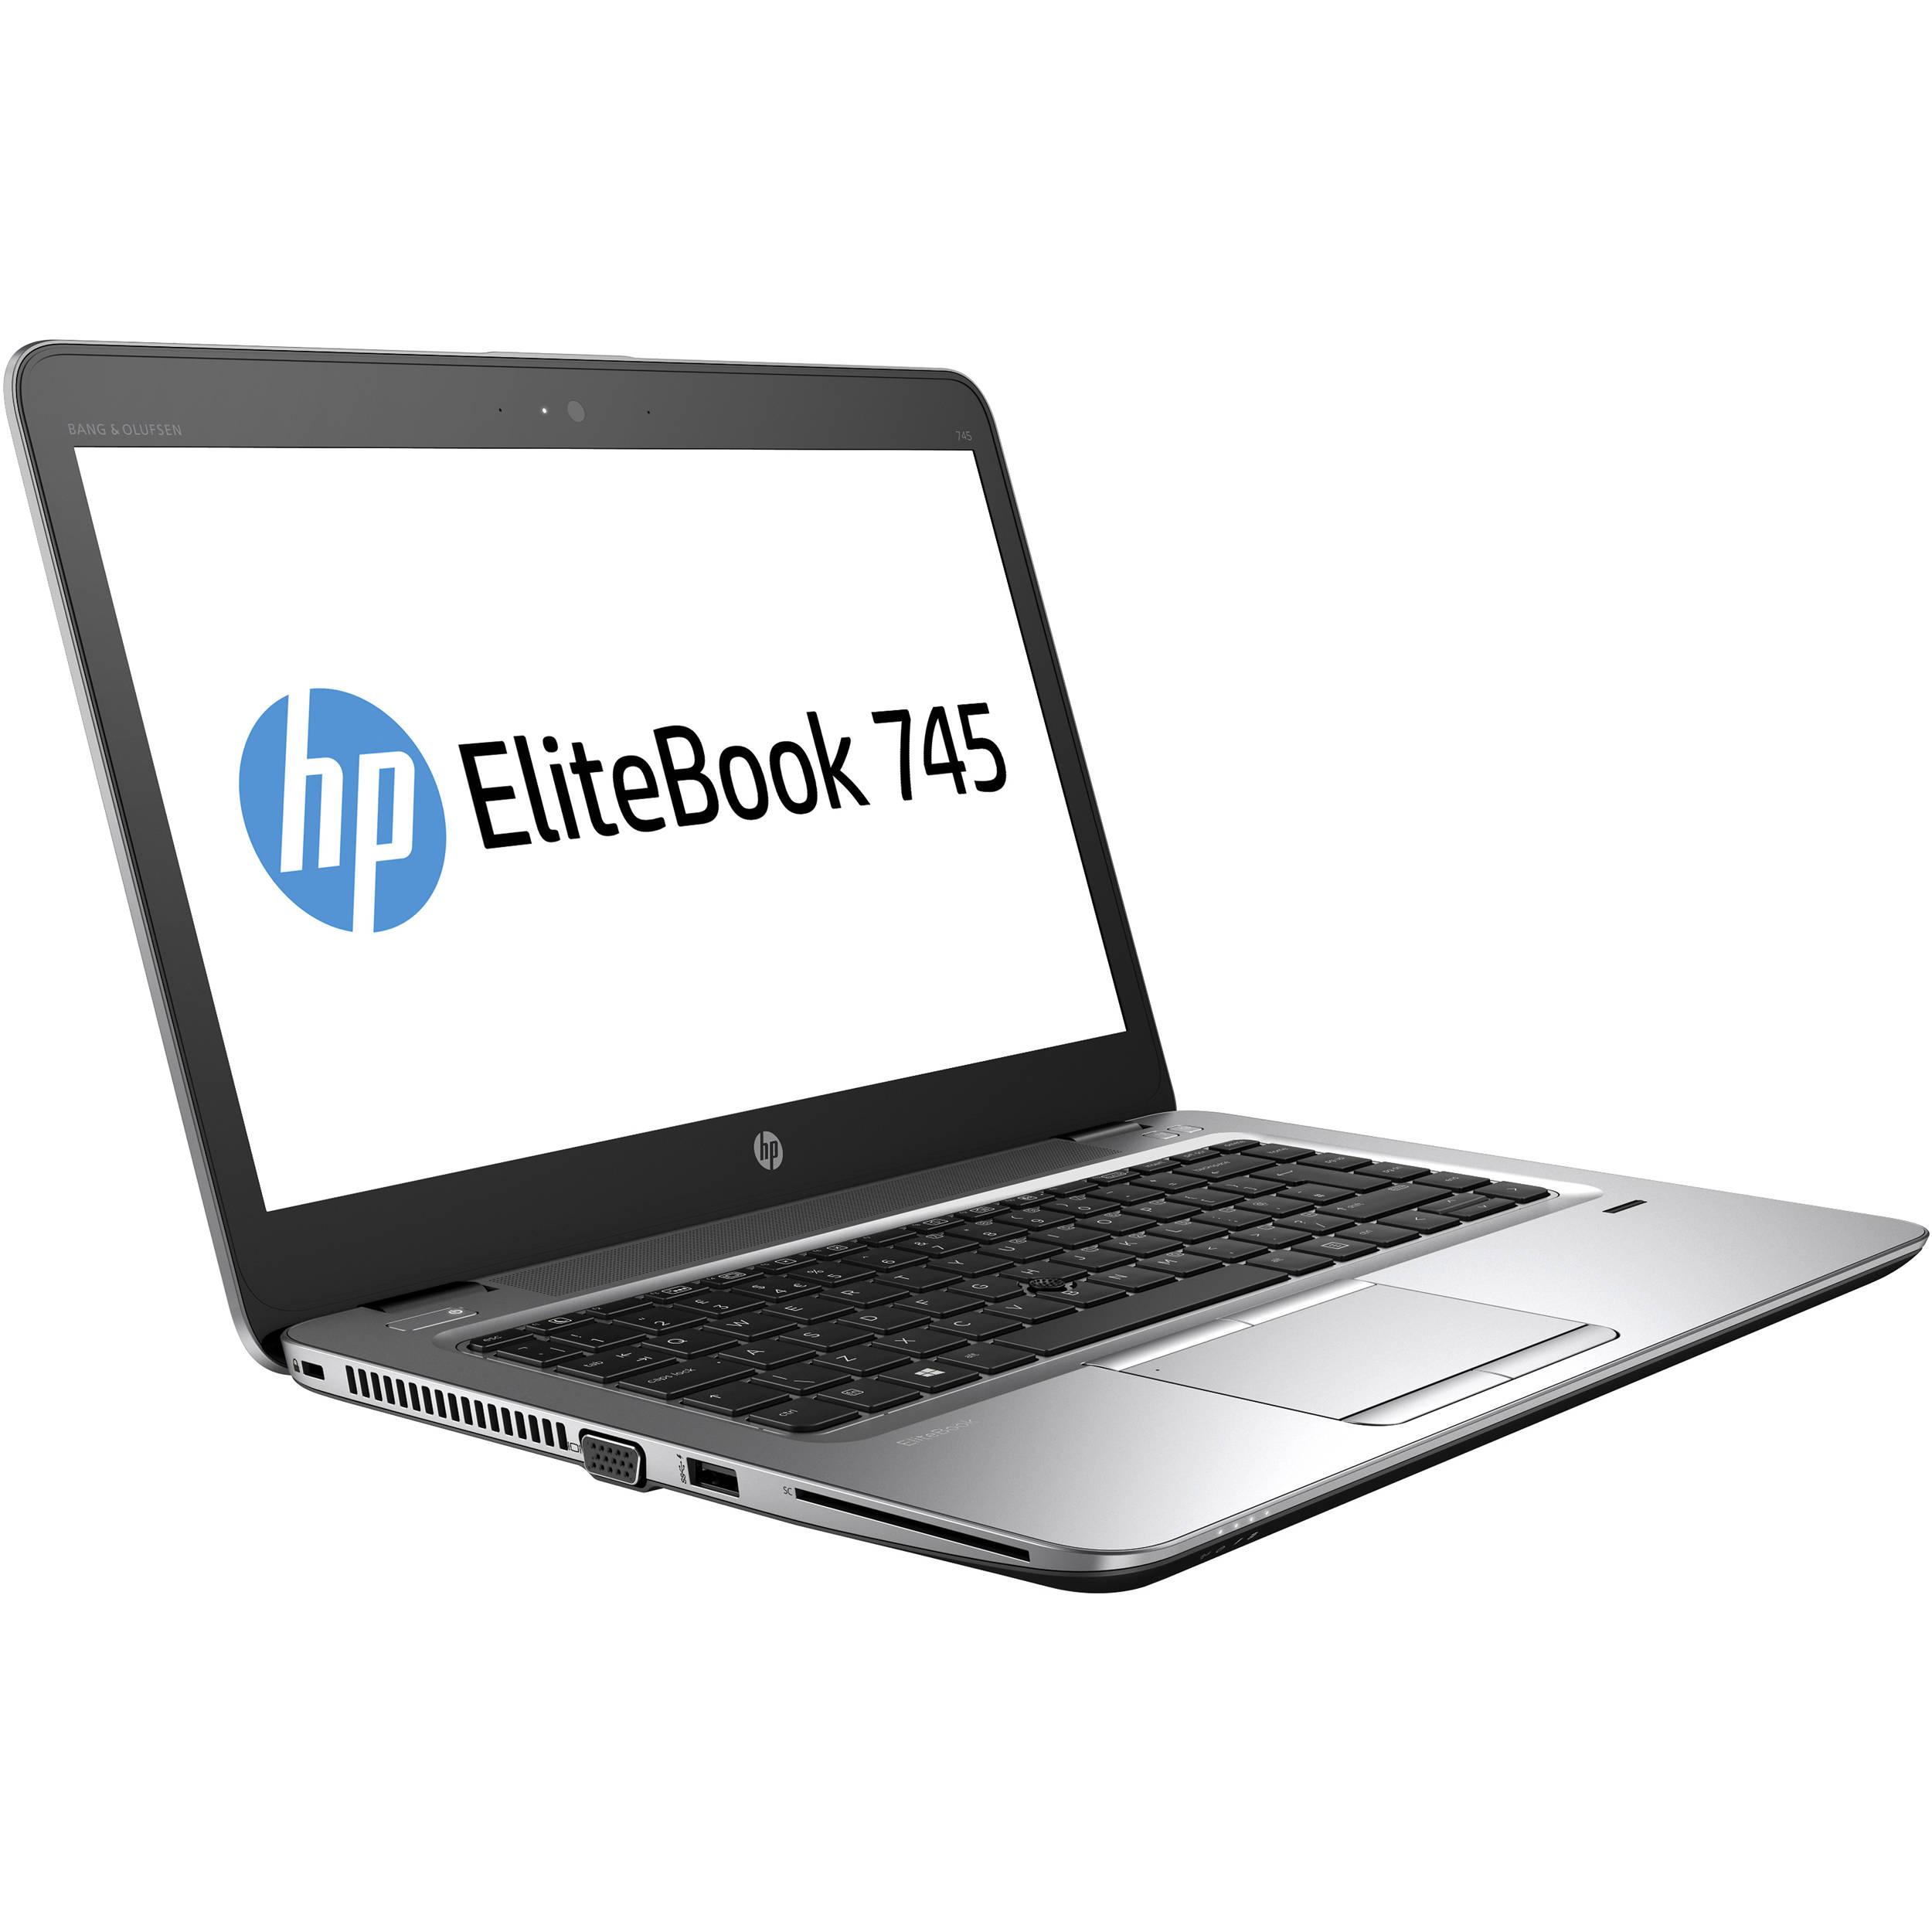 لابتوب HP 745 G4 بضمان سنة